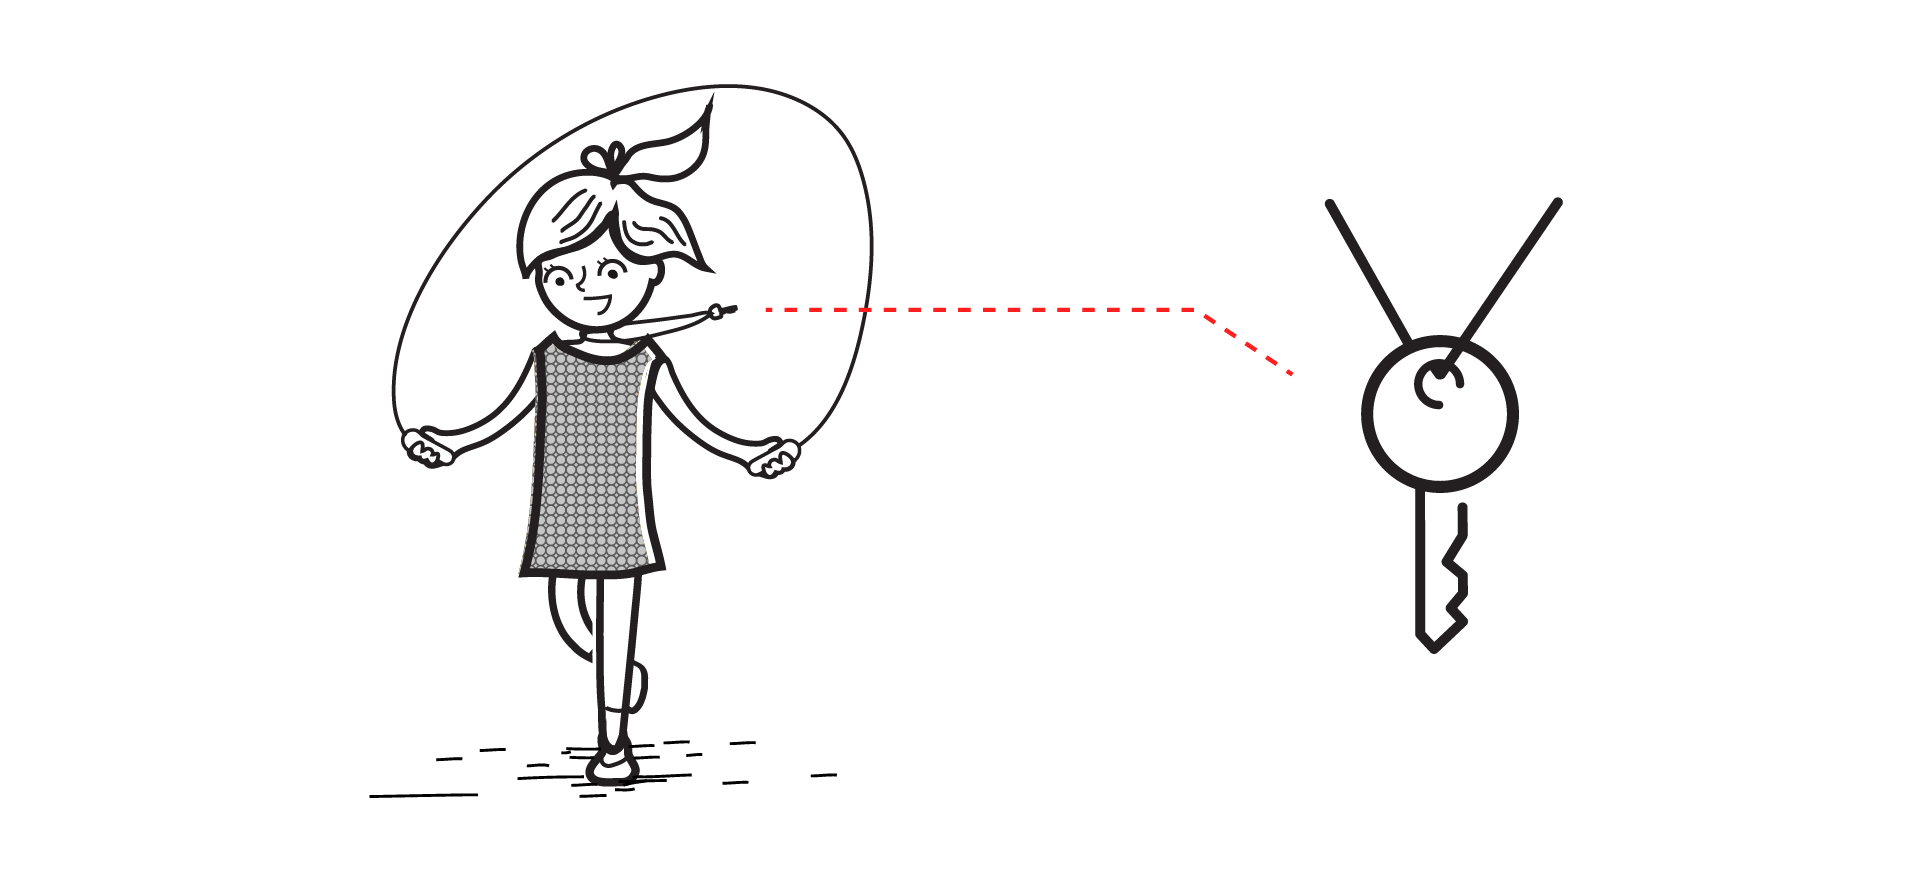 întâlnire între o persoană mică dimensiune